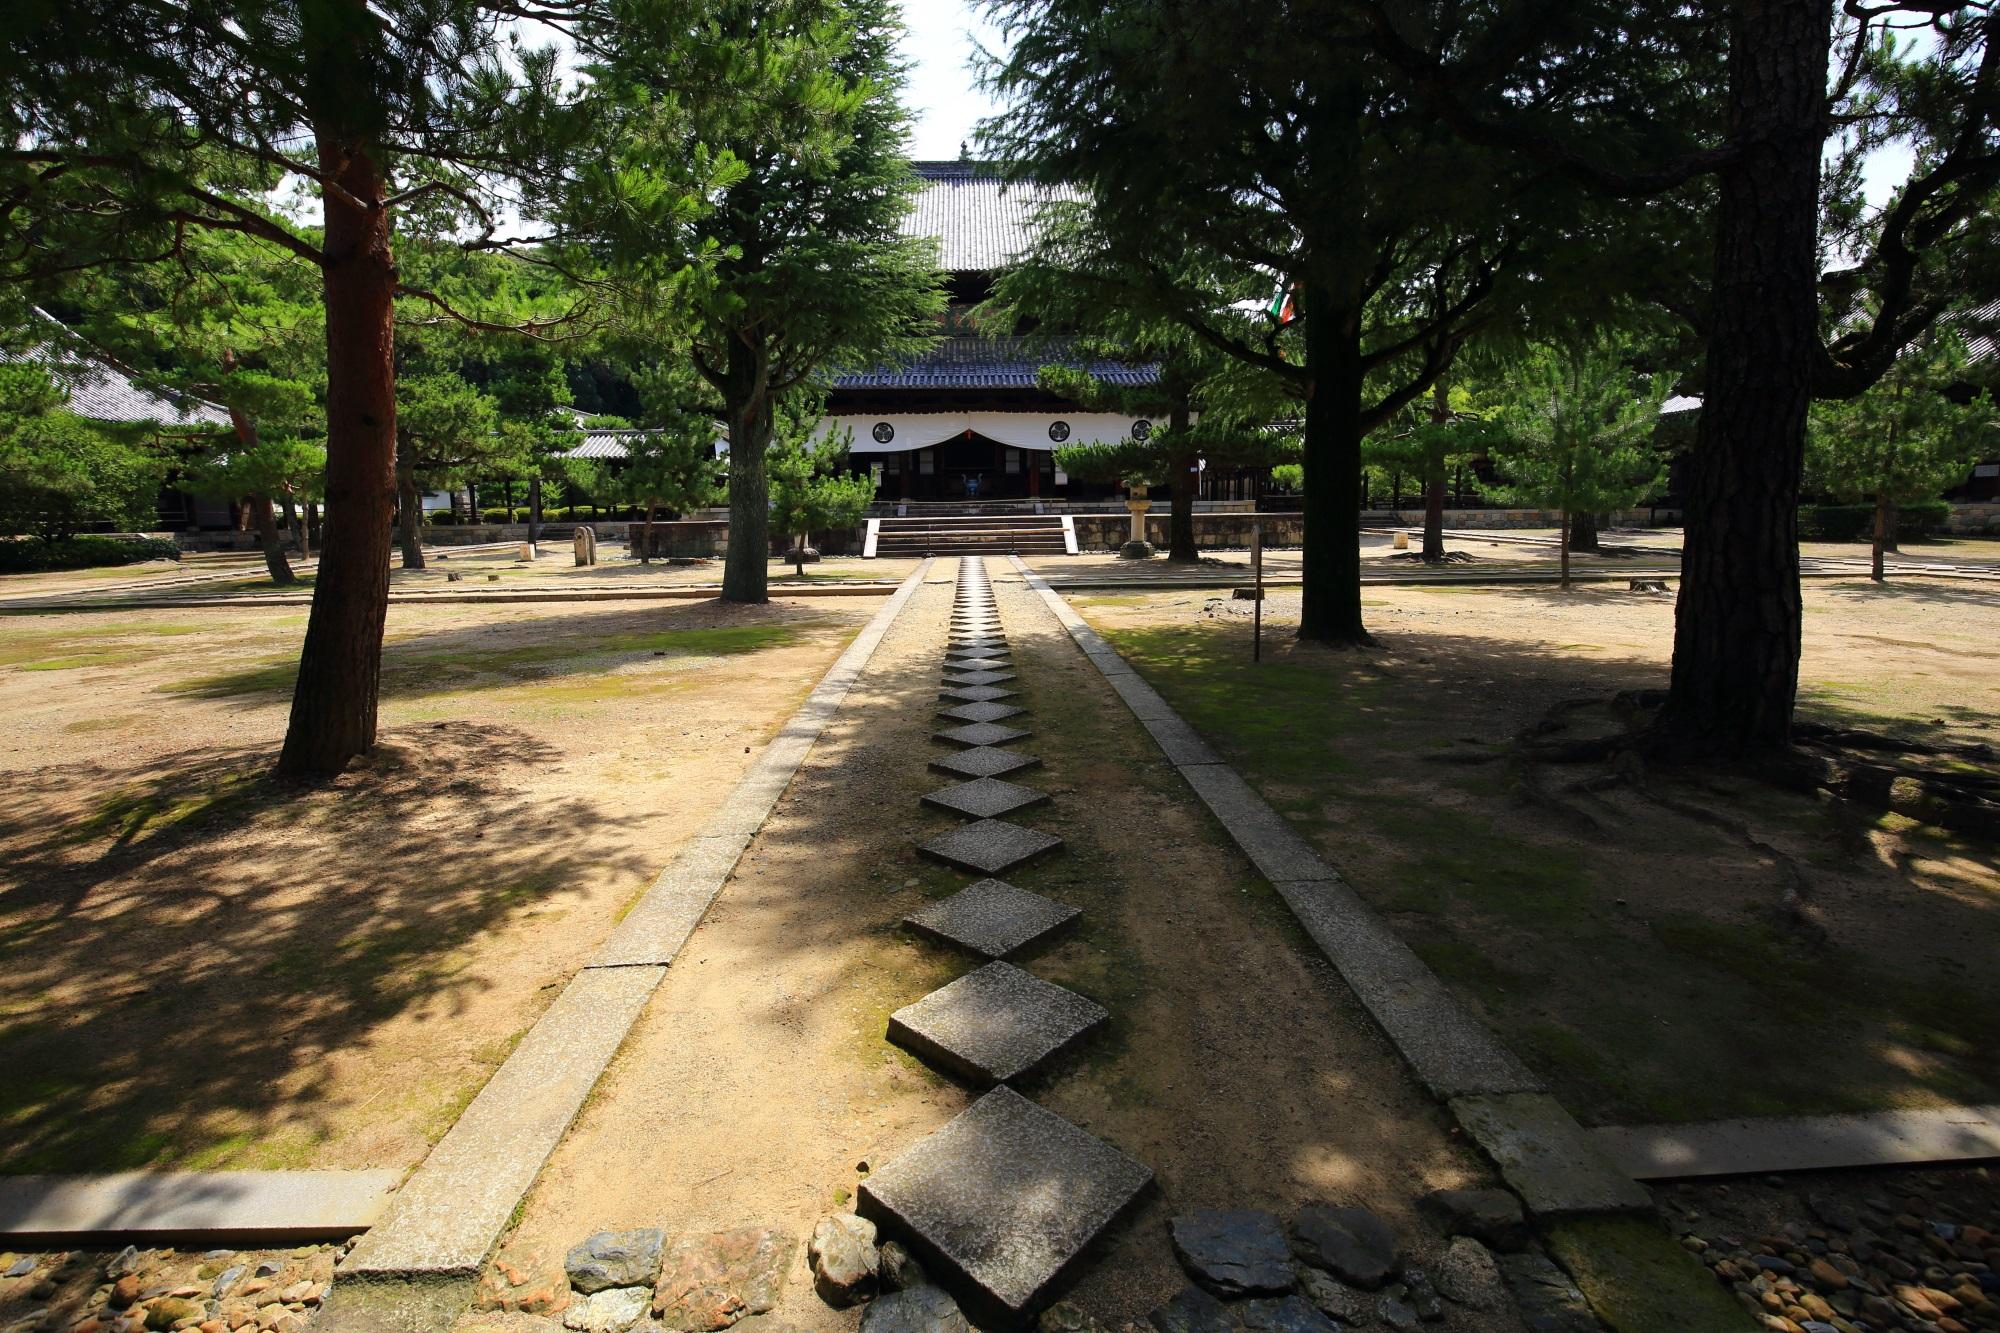 萬福寺の大雄宝殿(本堂)とひし形の飛び石の参道